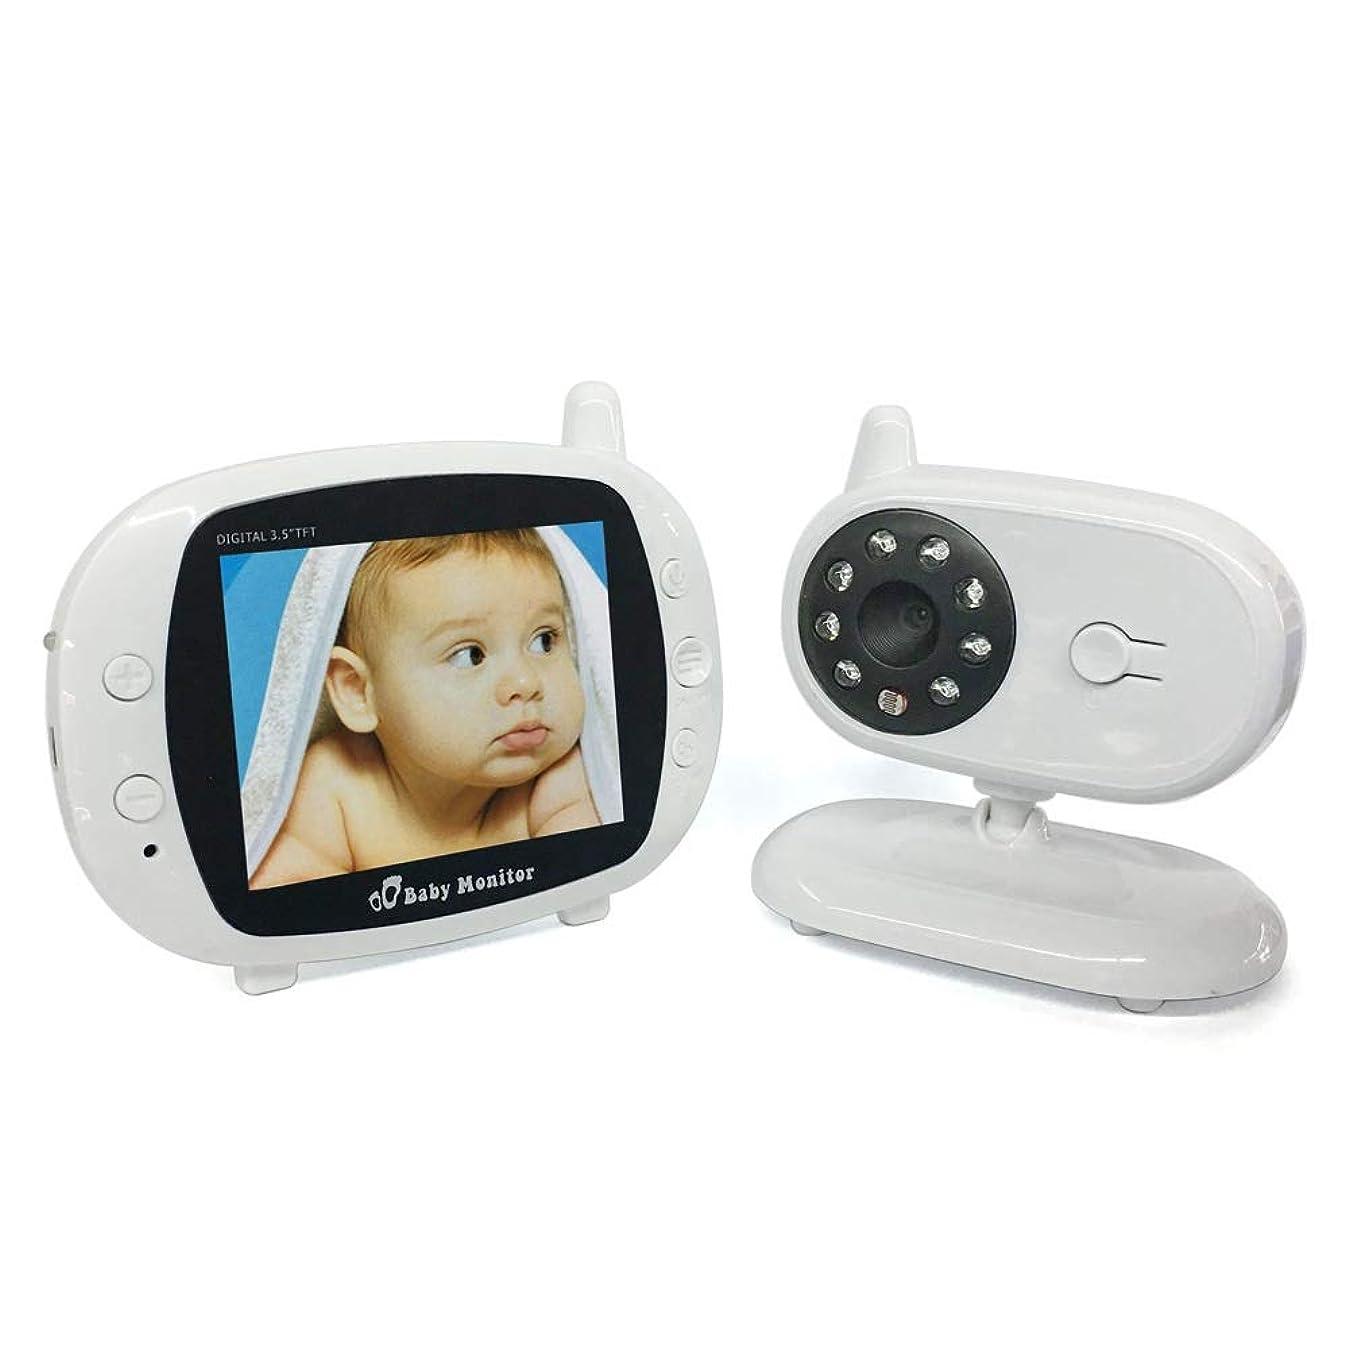 組み込むトレーニング閉塞カメラ 3.5インチワイヤレスデジタルベビーモニターナイトビジョン子守唄室温監視双方向インターホン カメラ